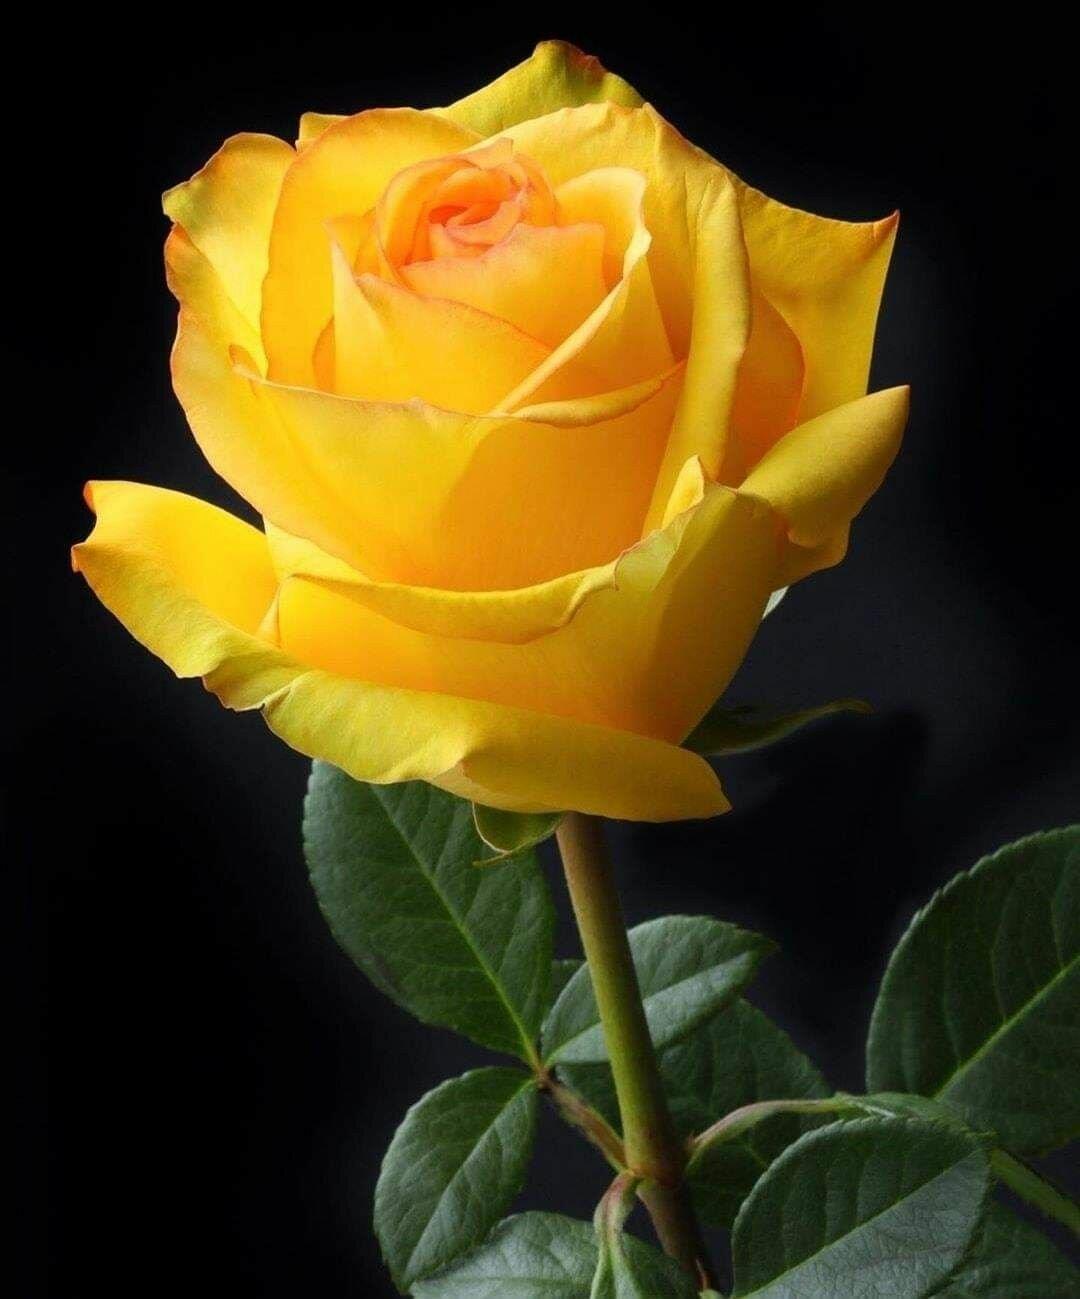 привет, желтые розы фотографии некоторое время немецких